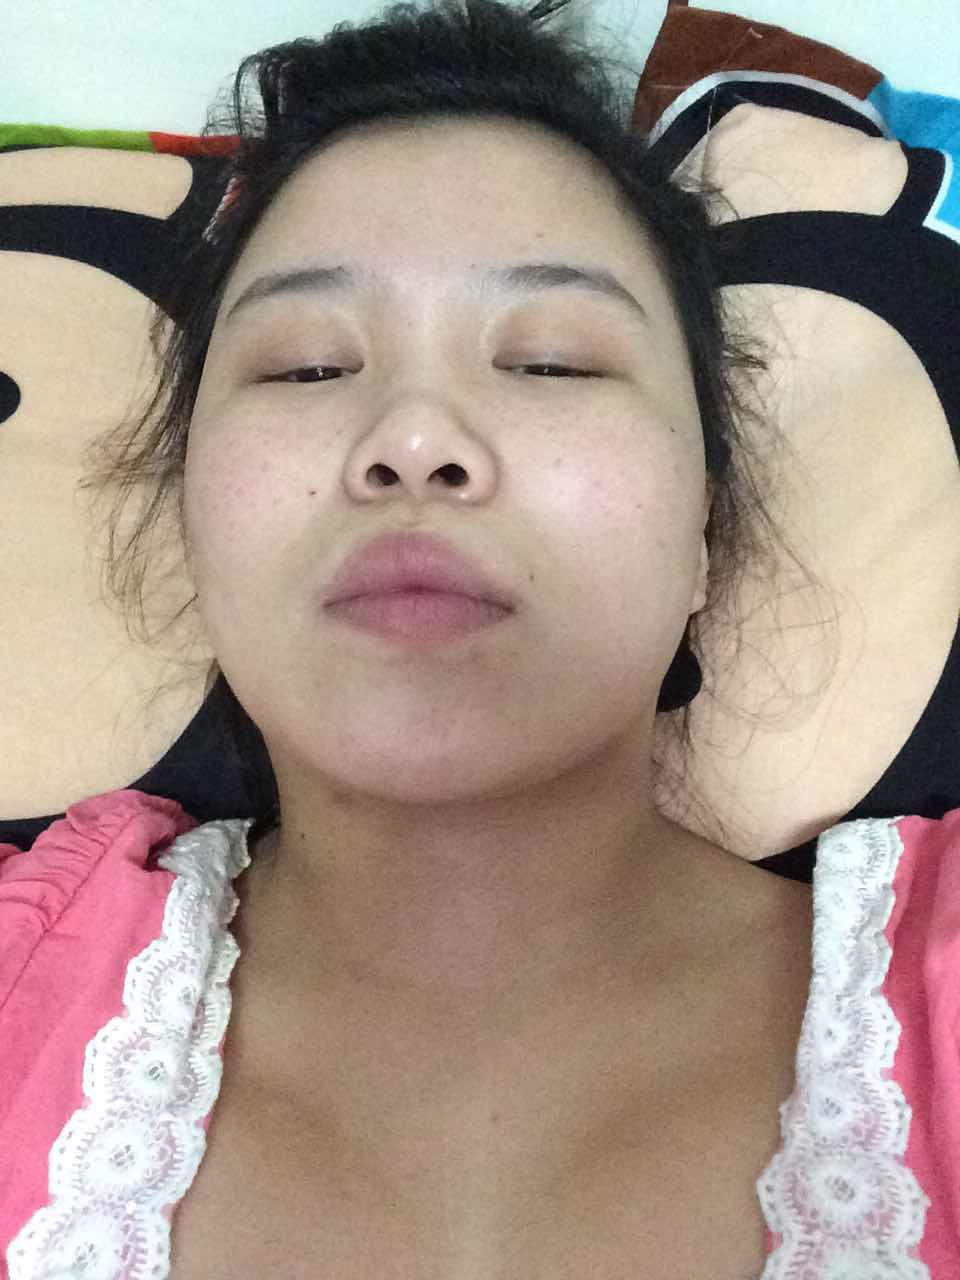 驼峰鼻矫正隆鼻术多少钱,我这个要怎么改变